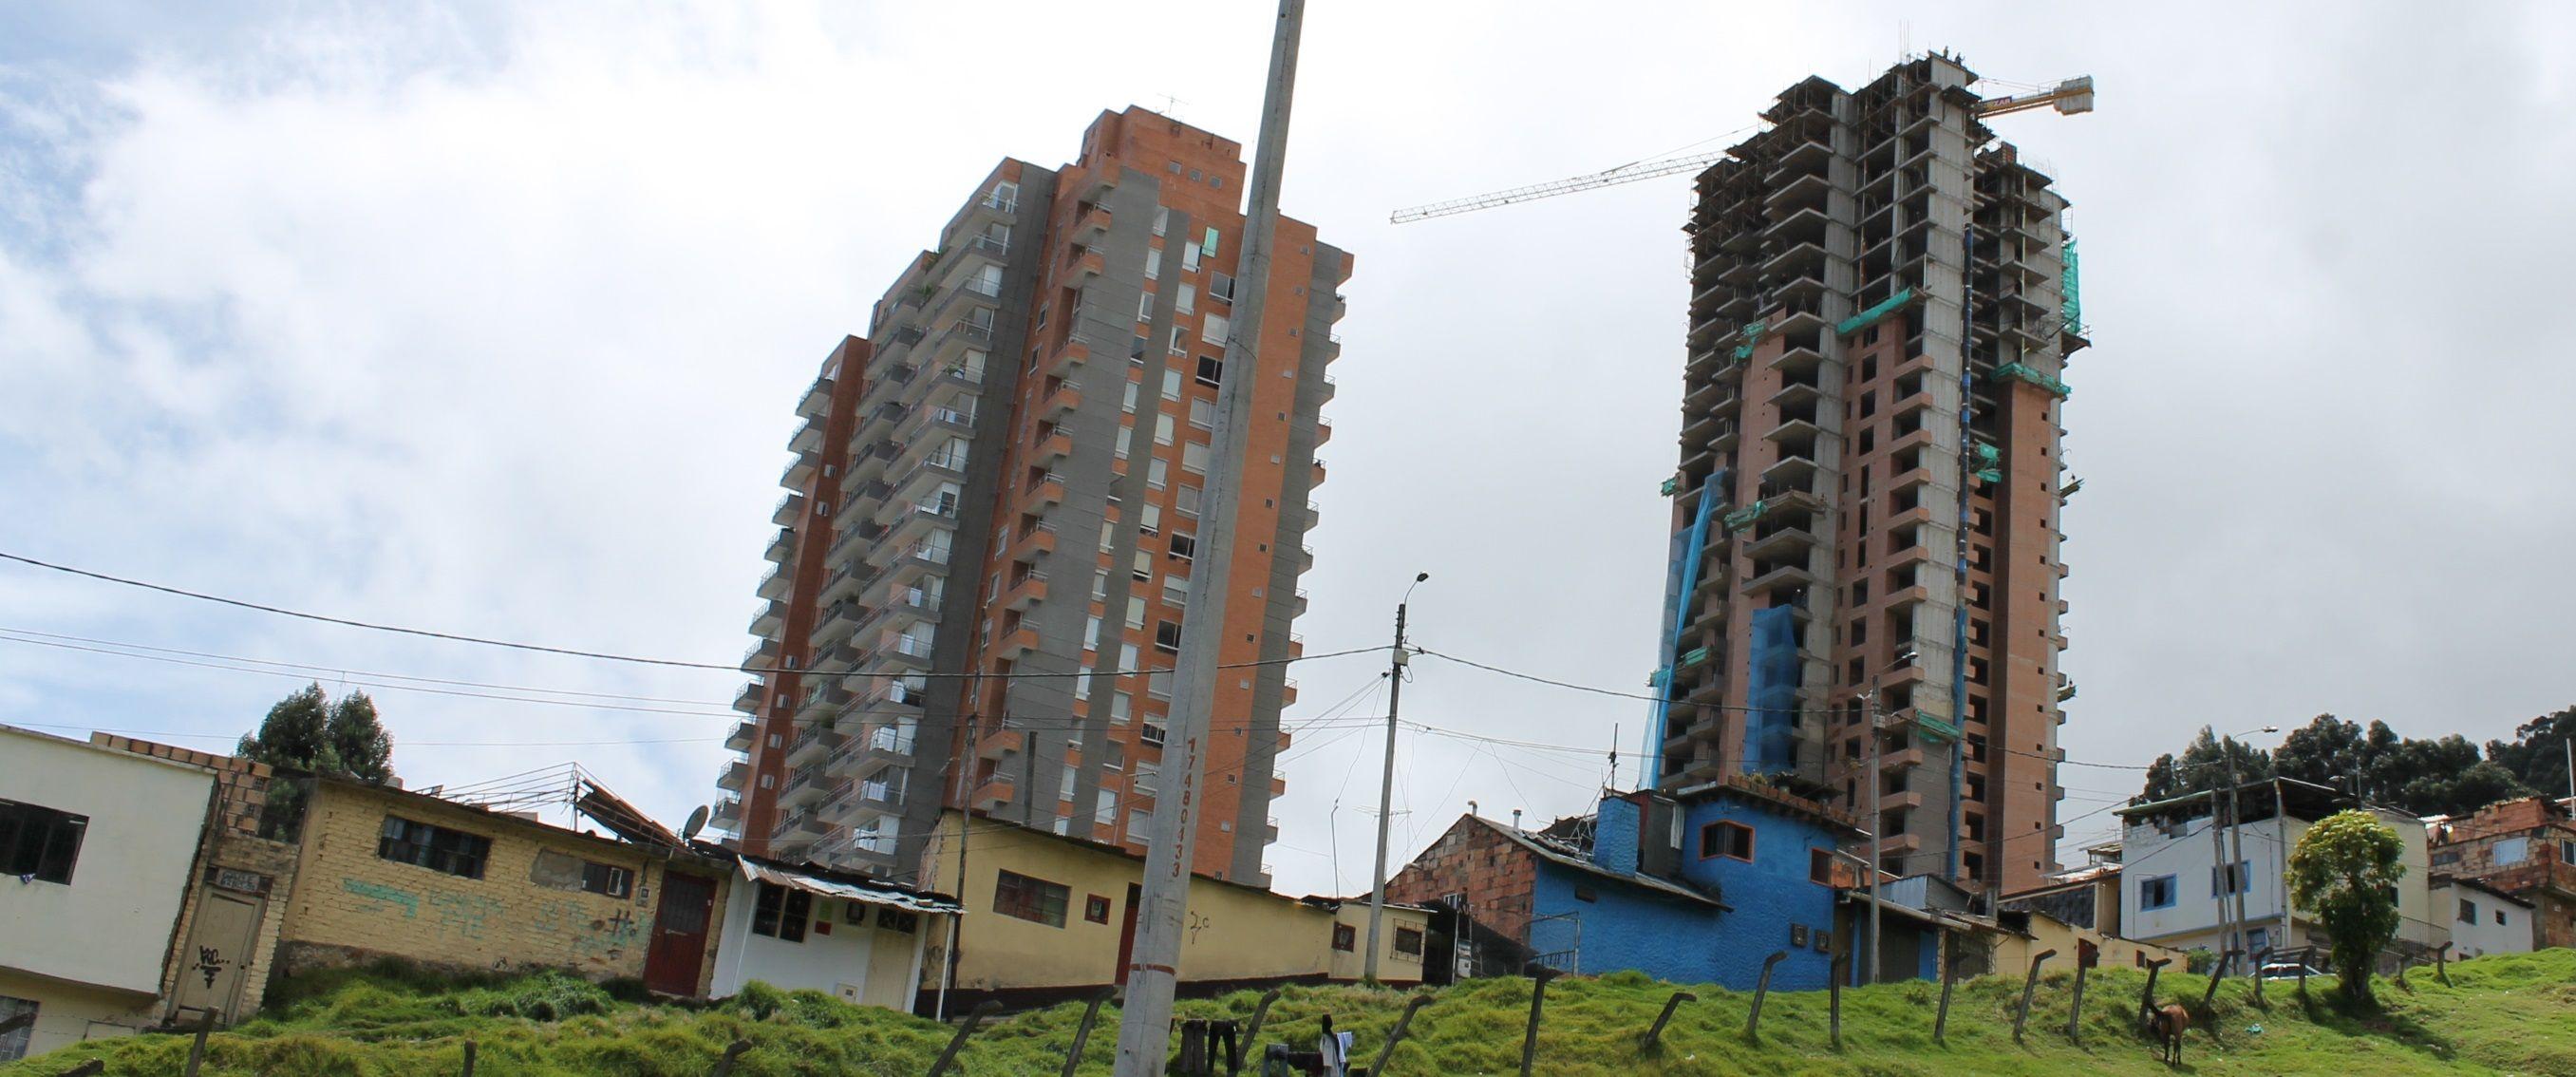 Cerros nororientales de Bogotá, 2012. Wilson Enrique Colmenares Moreno.